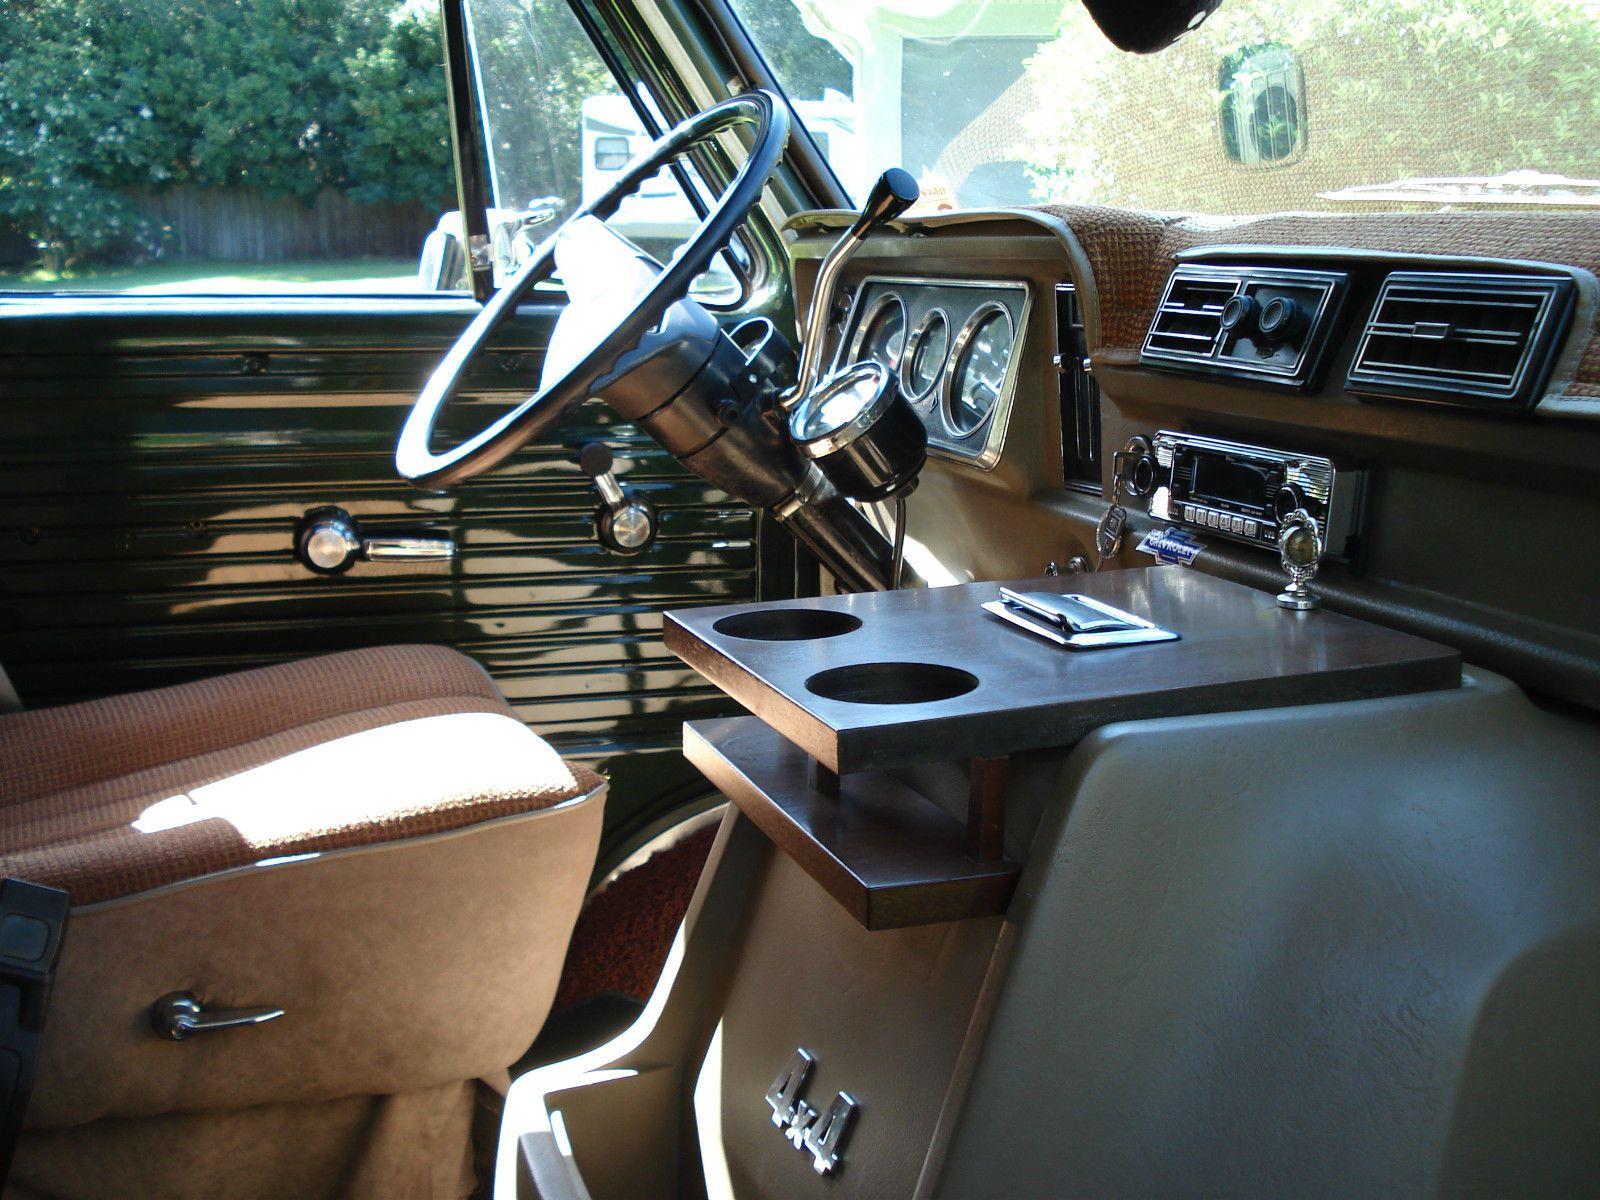 Chevrolet G20 Van G10 Ebay Chevy Van Chevrolet Van Gmc Vans